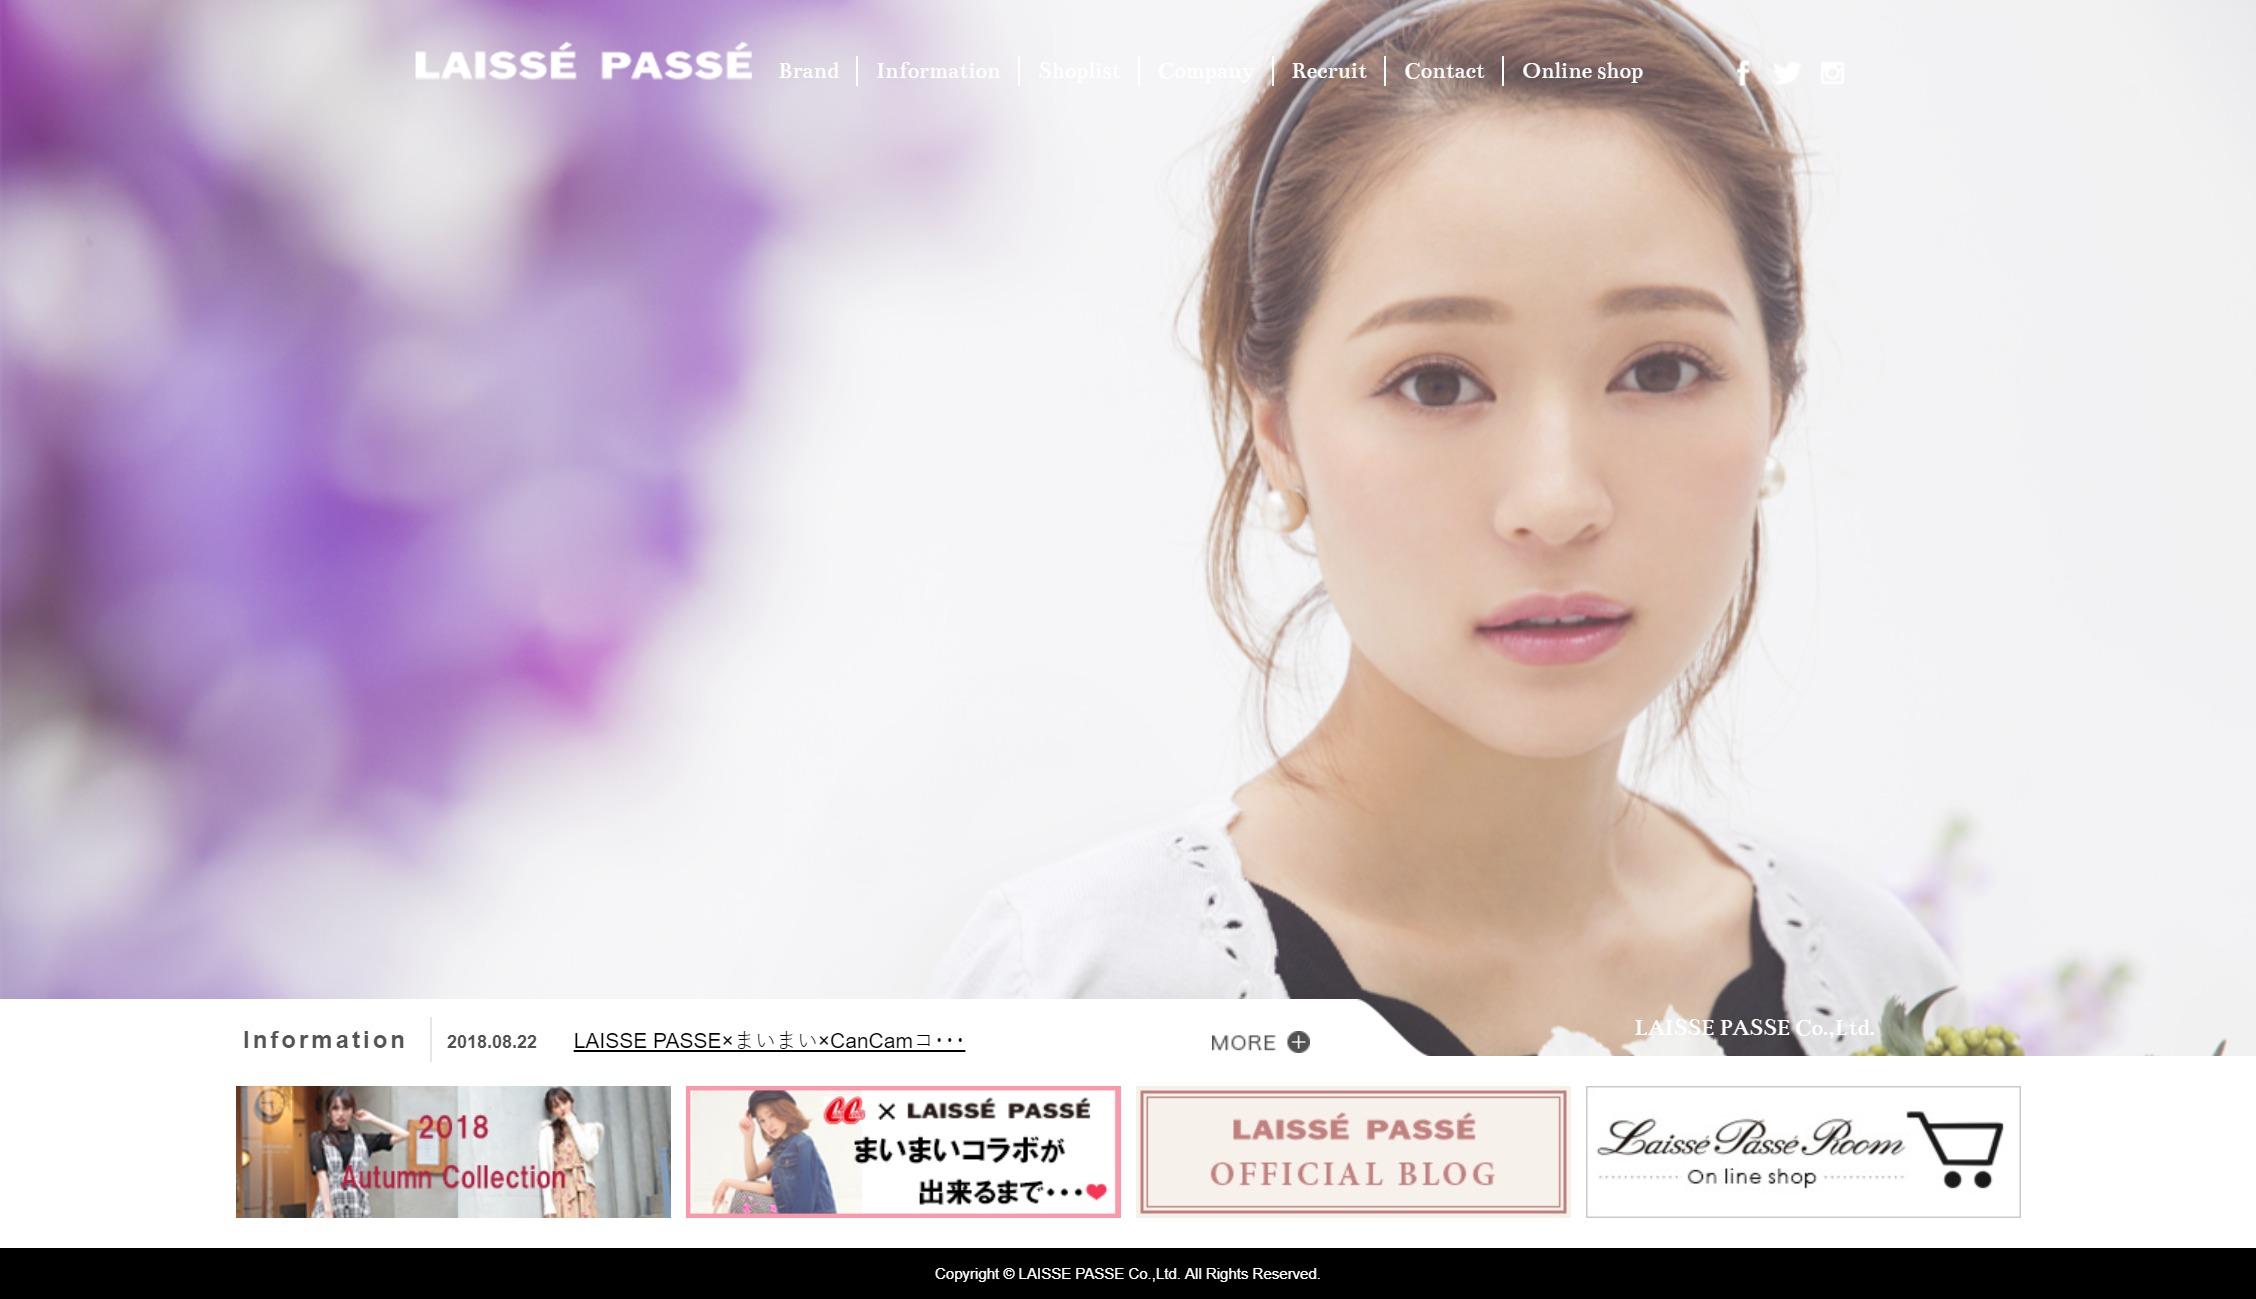 東京 「レッセパッセ ファミリーセール」開催2018年8月24-25日